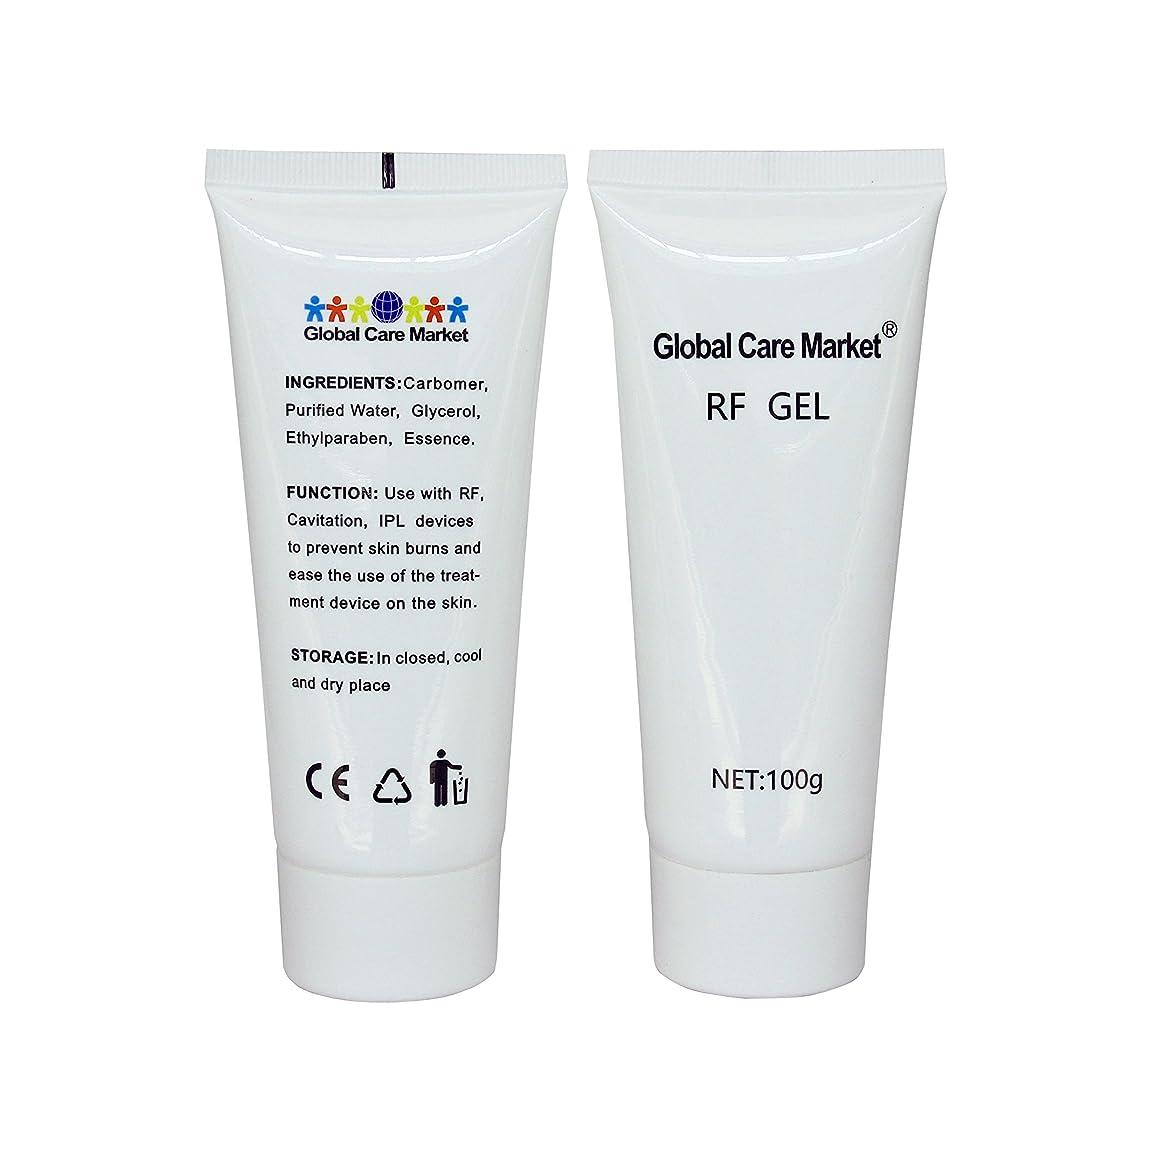 実験室気になる香ばしいRF GEL(2 Pack) - 高周波治療装置に使用する皮膚冷却および潤滑です